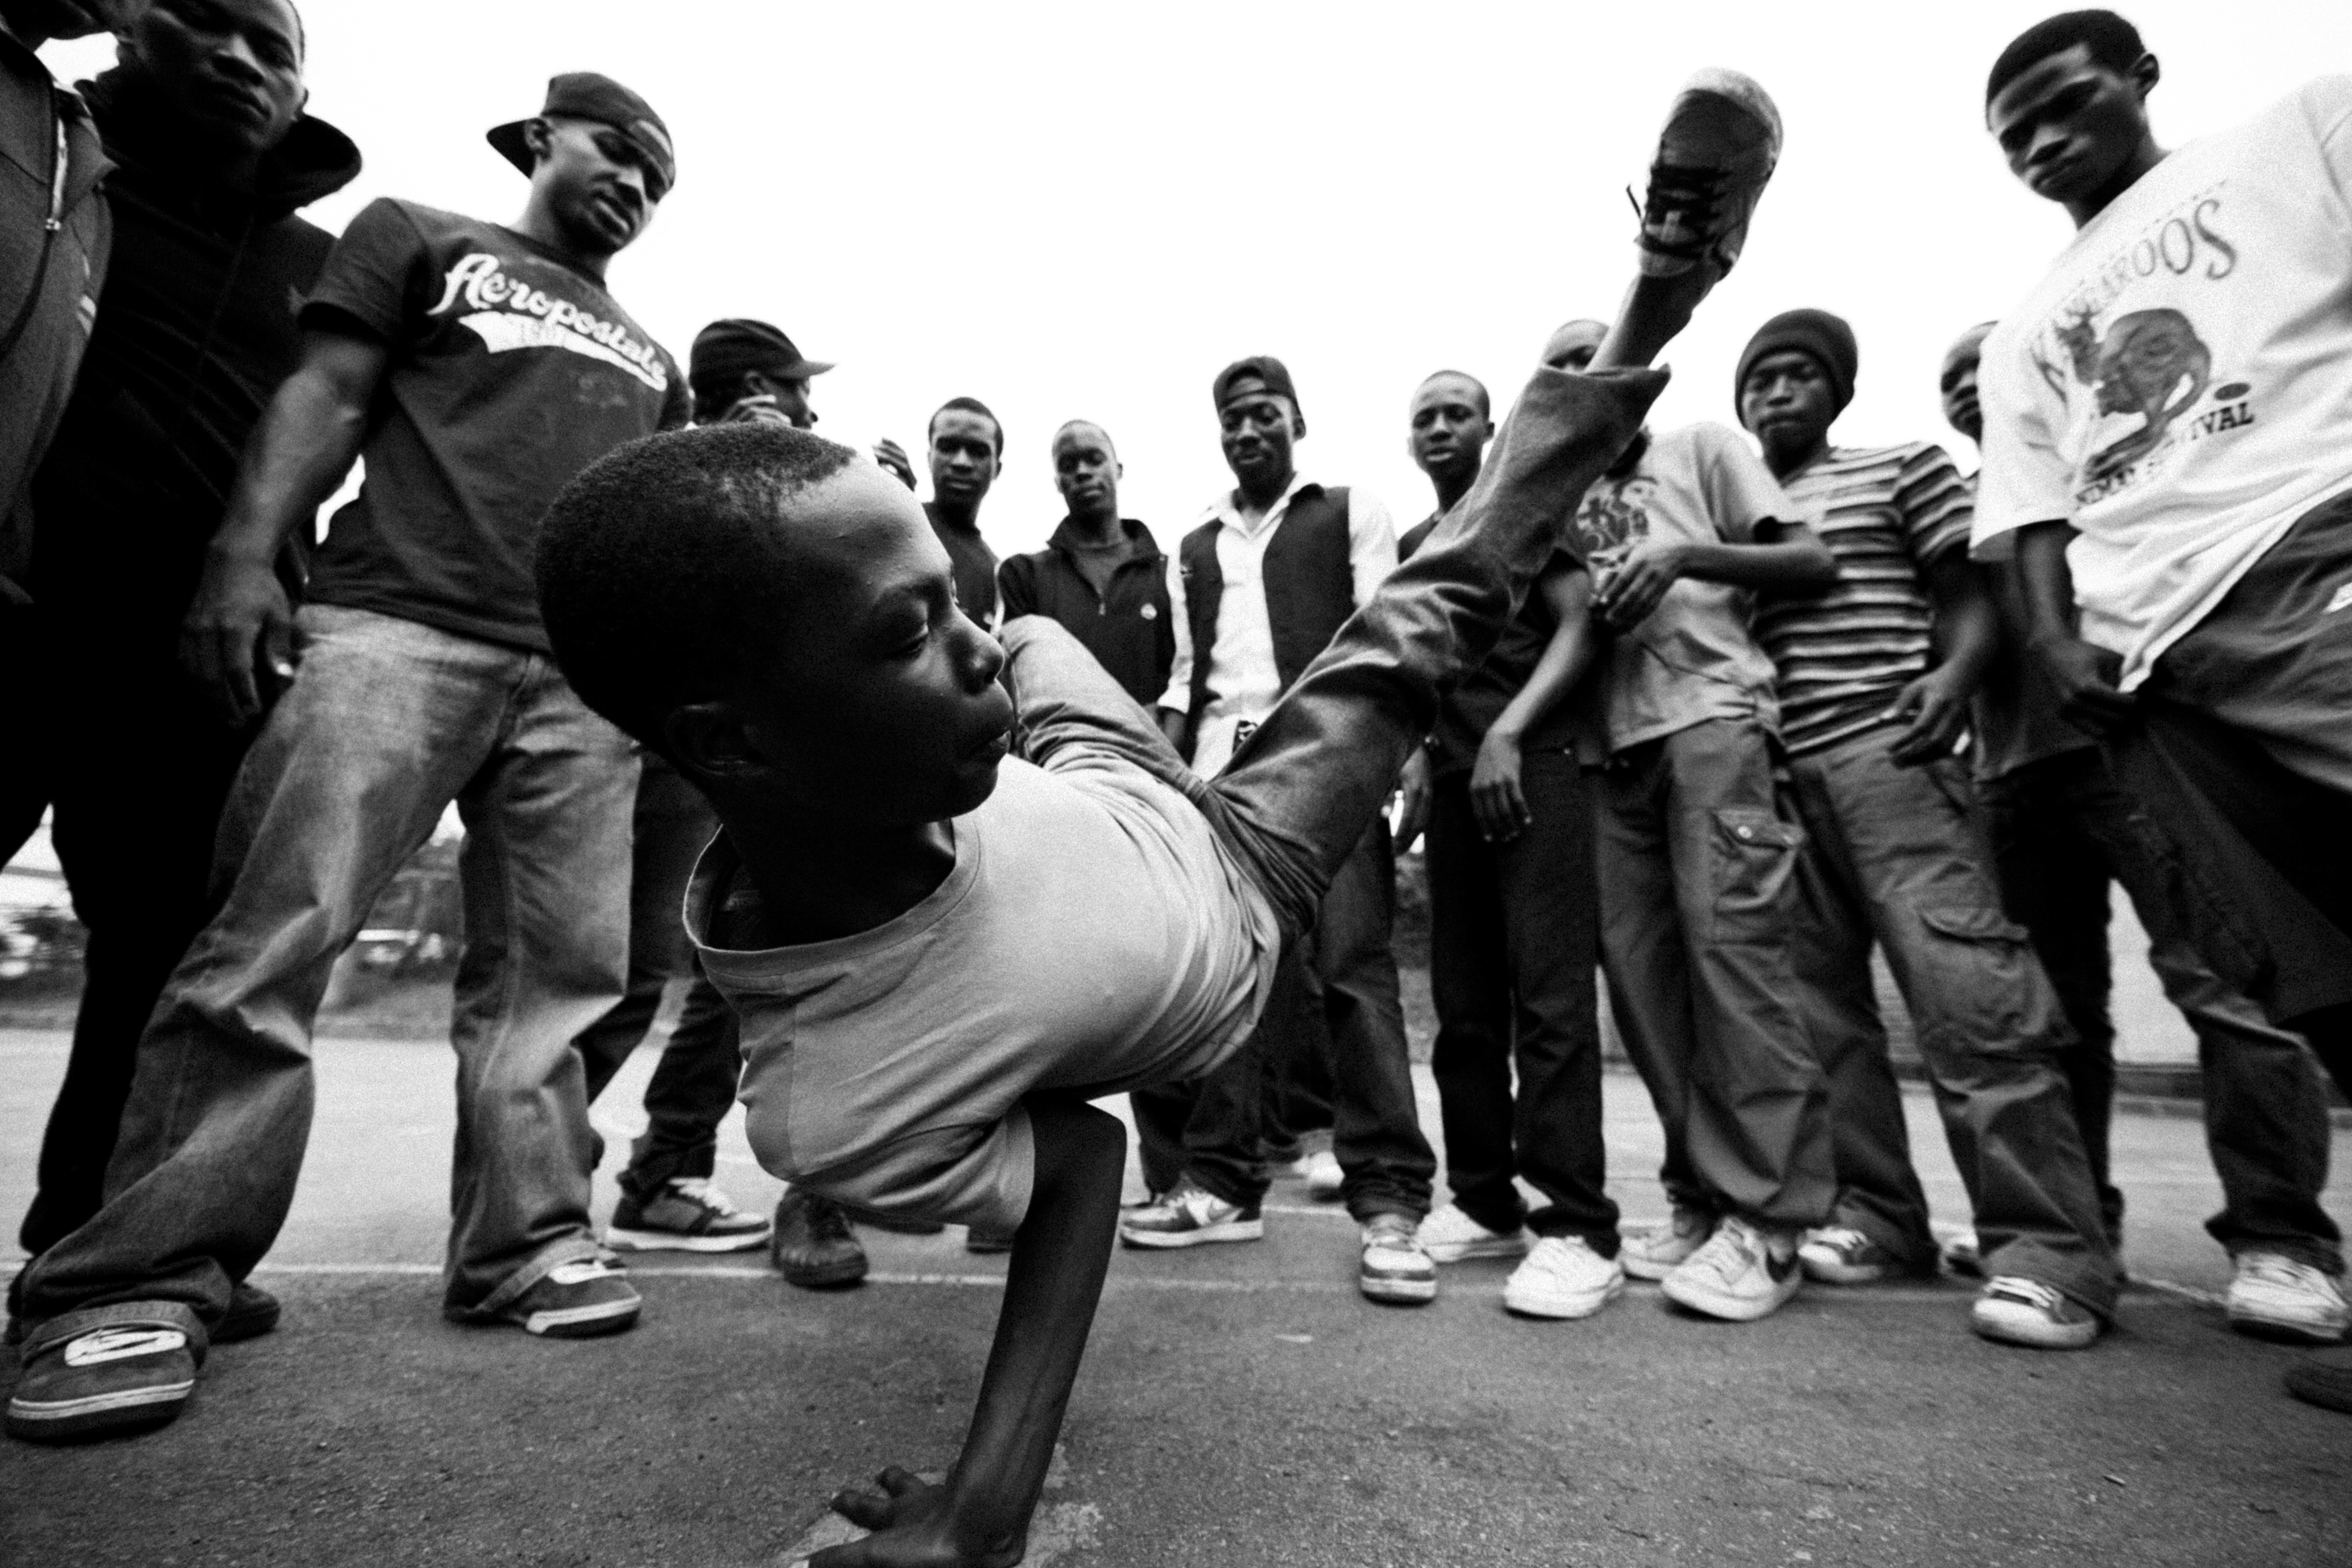 детей, фото танцующих негров которая